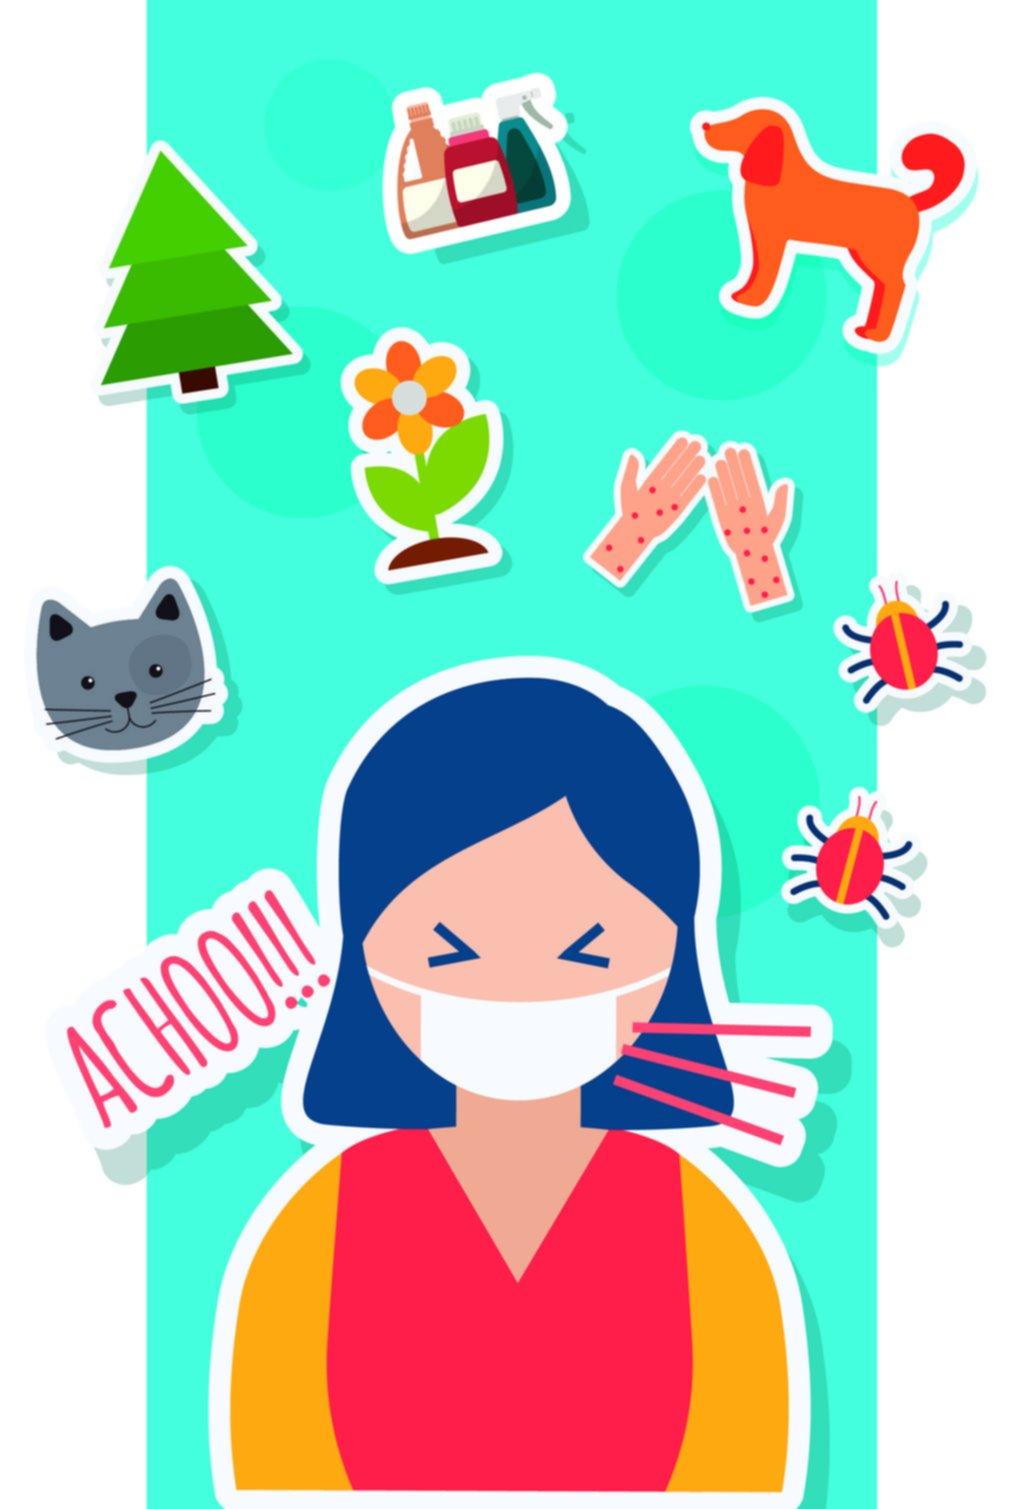 Tendencias: primavera y alergias, temporada de estornudos